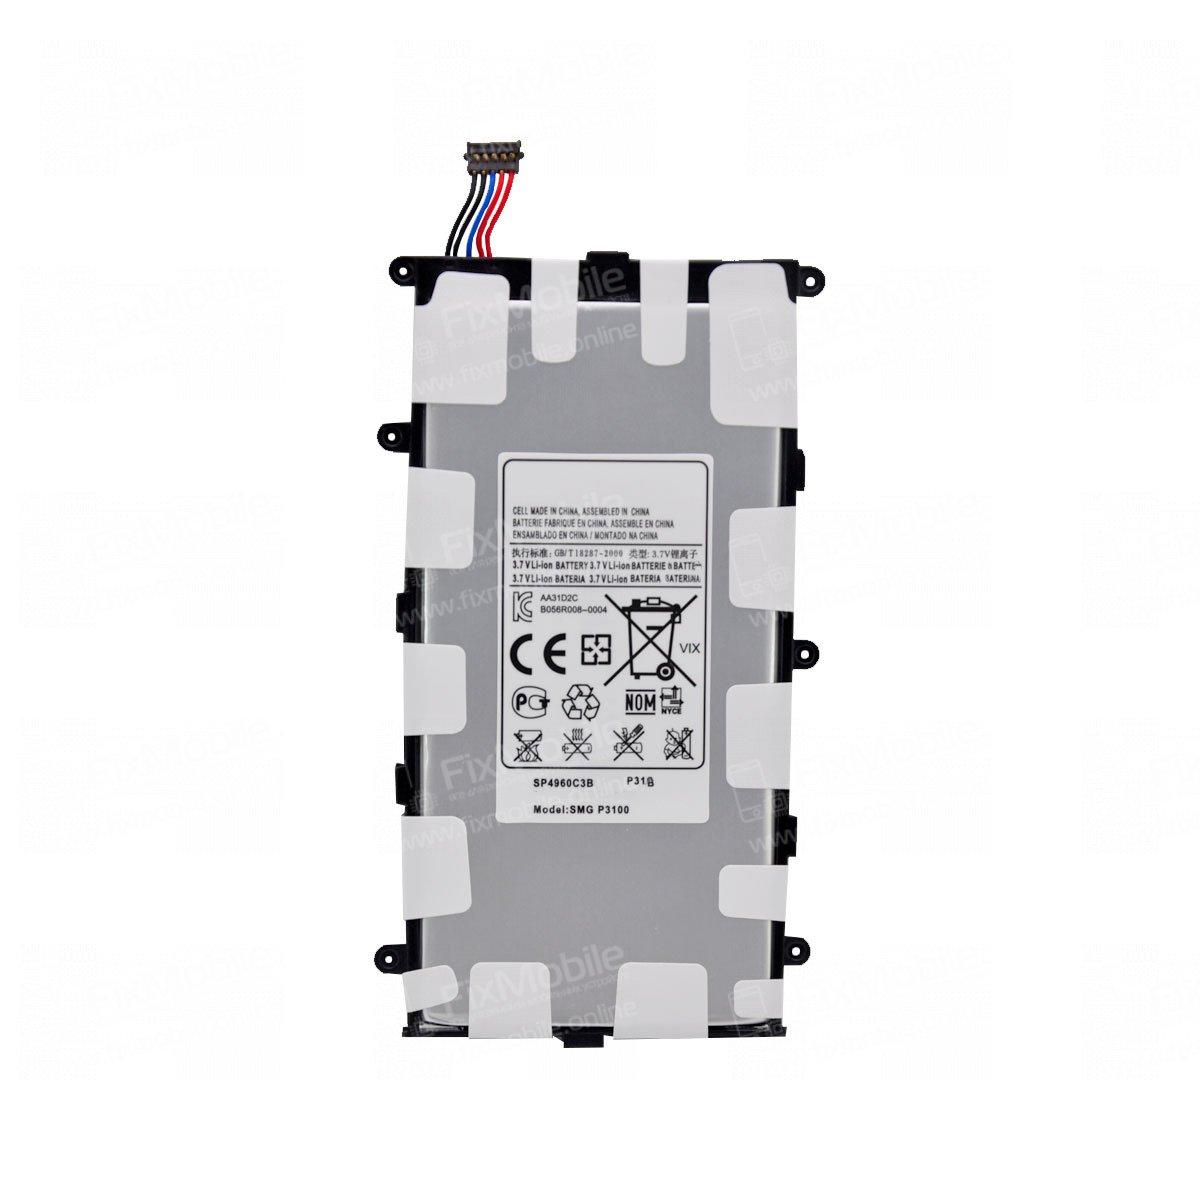 Аккумуляторная батарея для Samsung Galaxy Tab 2 7.0 (P3100) SP4960C3B